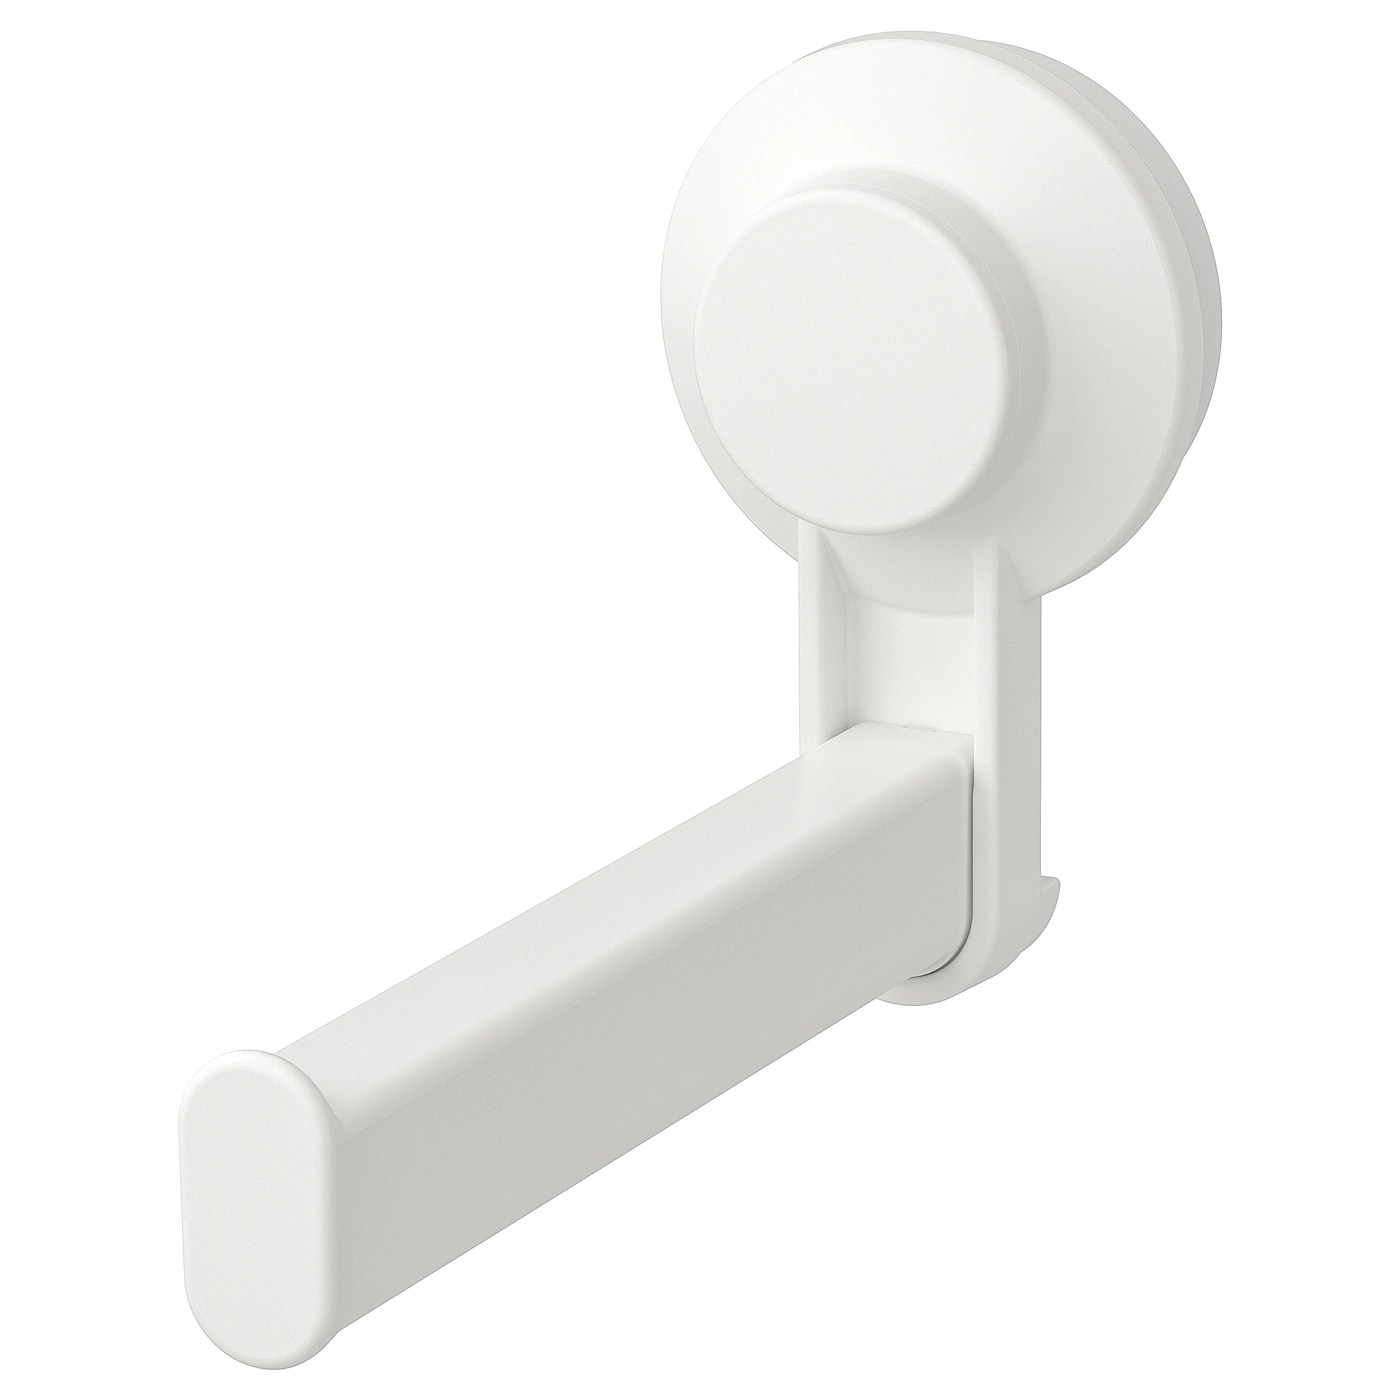 Neuf Ikea Porte Rouleaux De Papier Toilette Voxnan Chrome Effet Salle De Bain Toilet Roll Holders Storage Bathroom Accessories